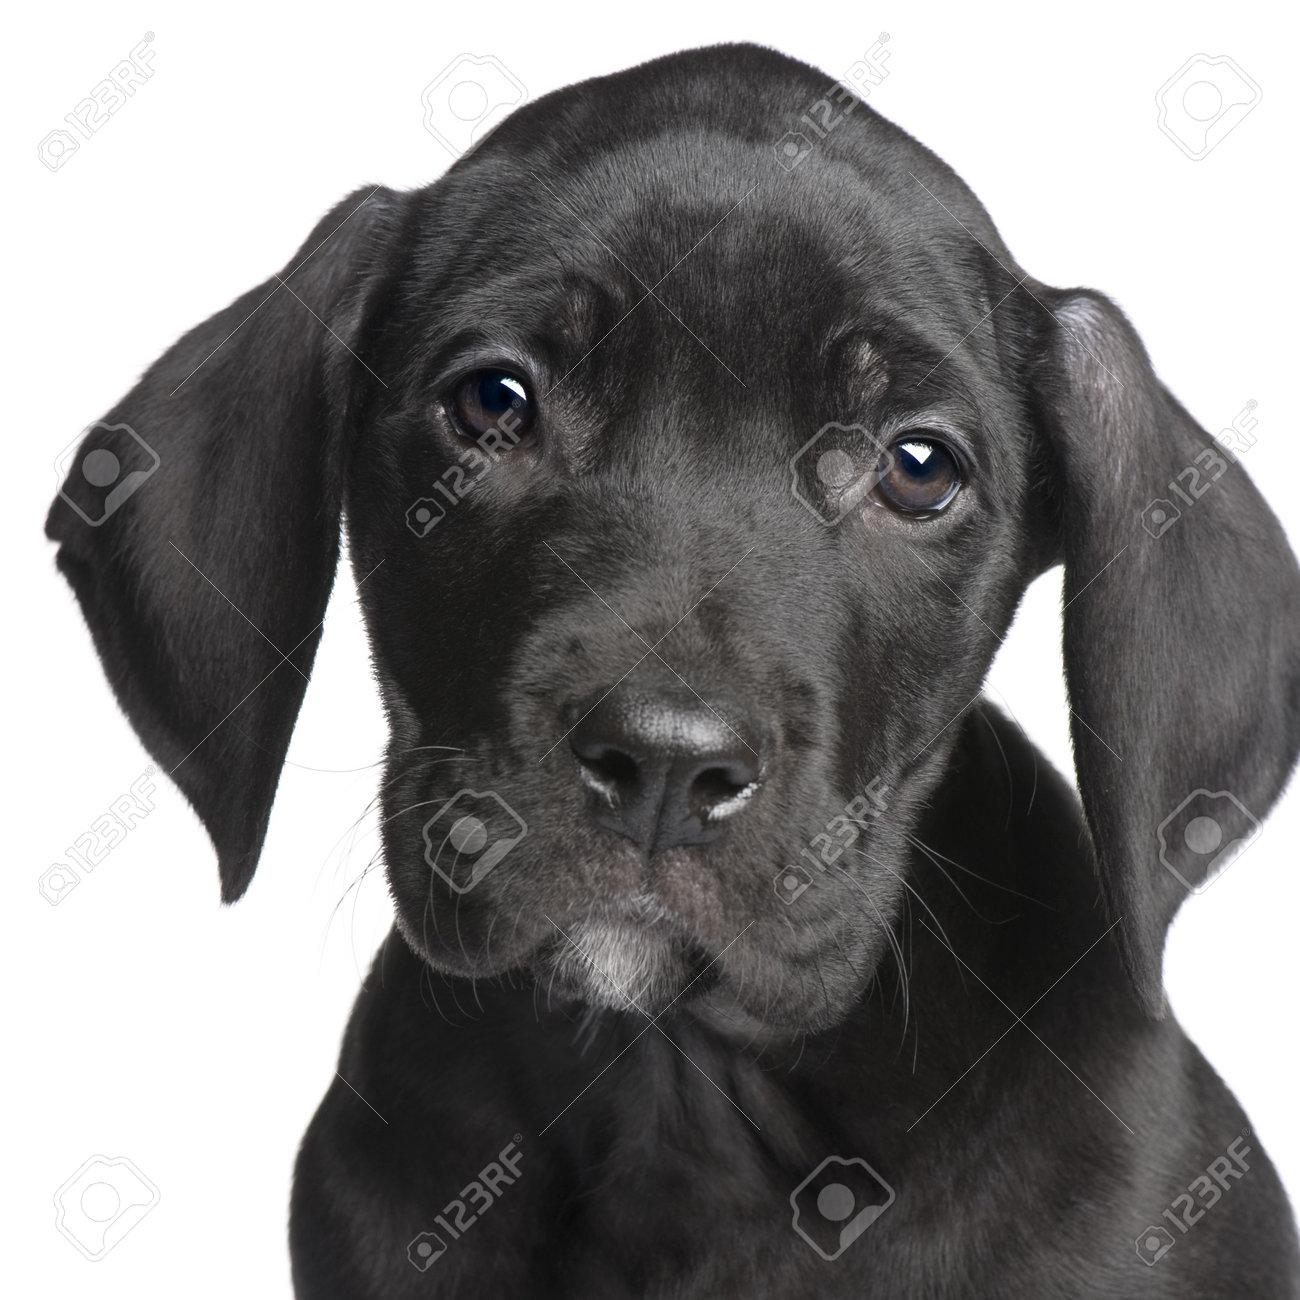 Black Great Dane Puppy dane dog  puppy Great Dane  2